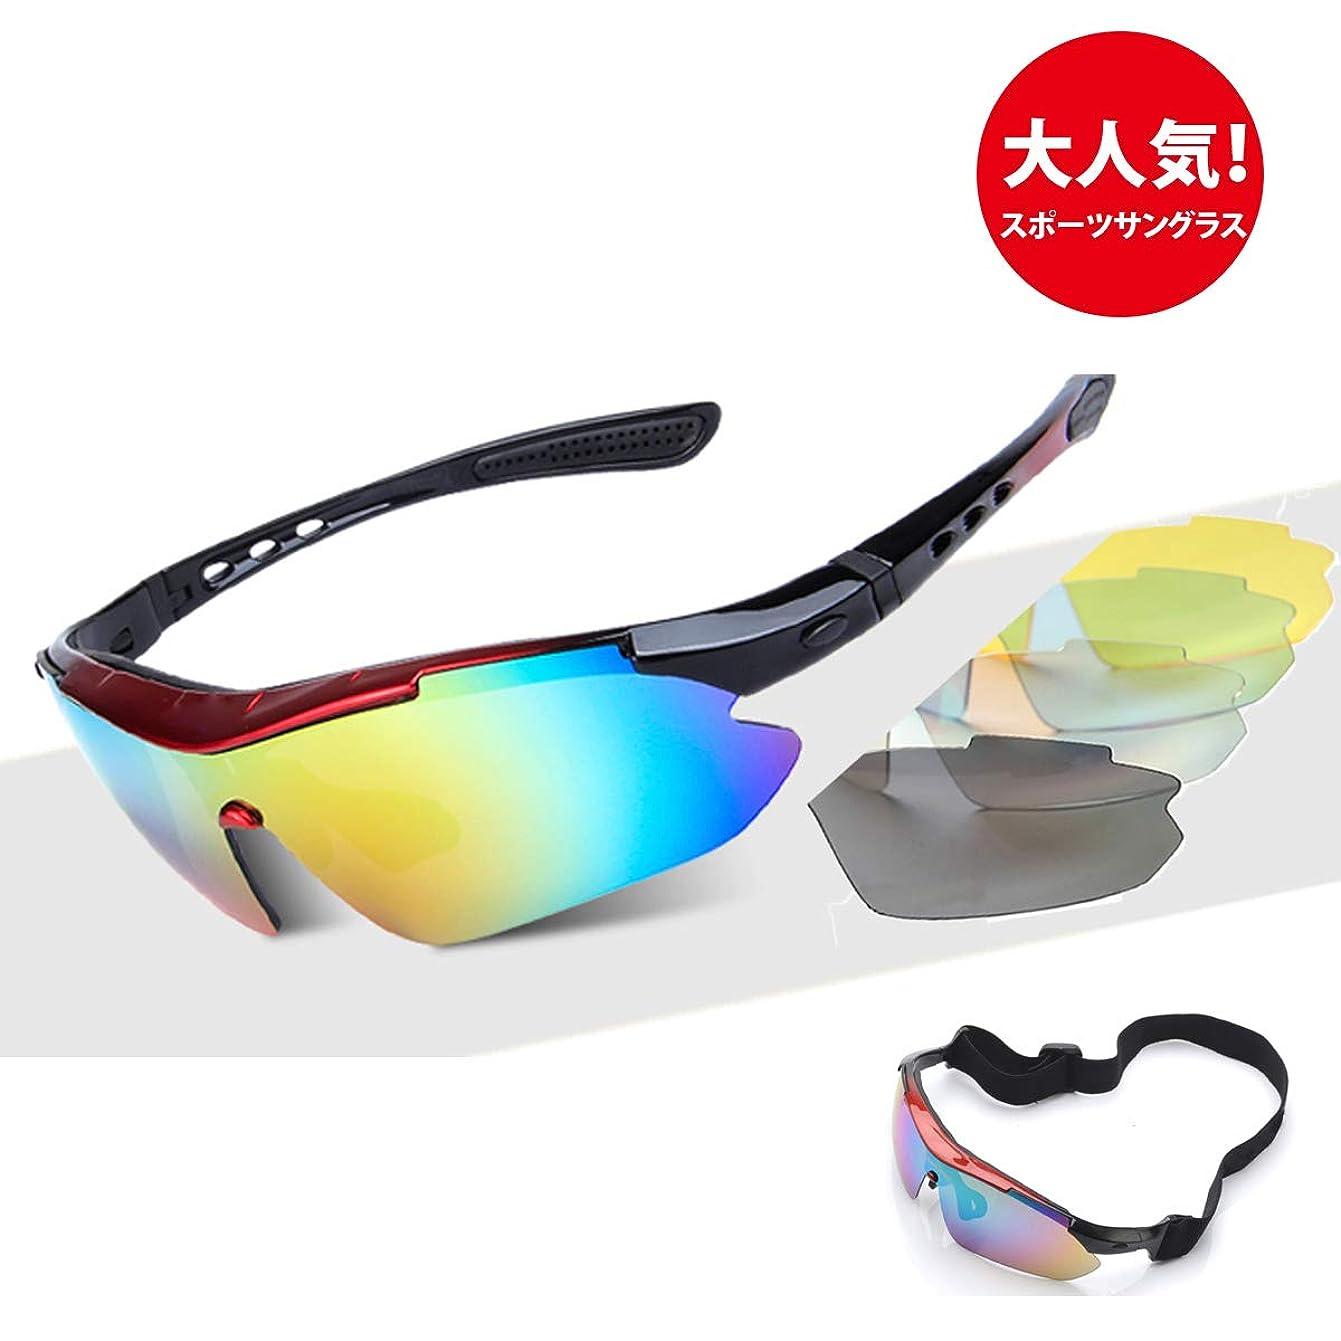 あいにく競う和らげるスポーツサングラス JOOKYO サングラス偏光 超軽量 UV400 紫外線カット 交換レンズ5枚 自転車 釣り サイクリング 登山 ロードバイク